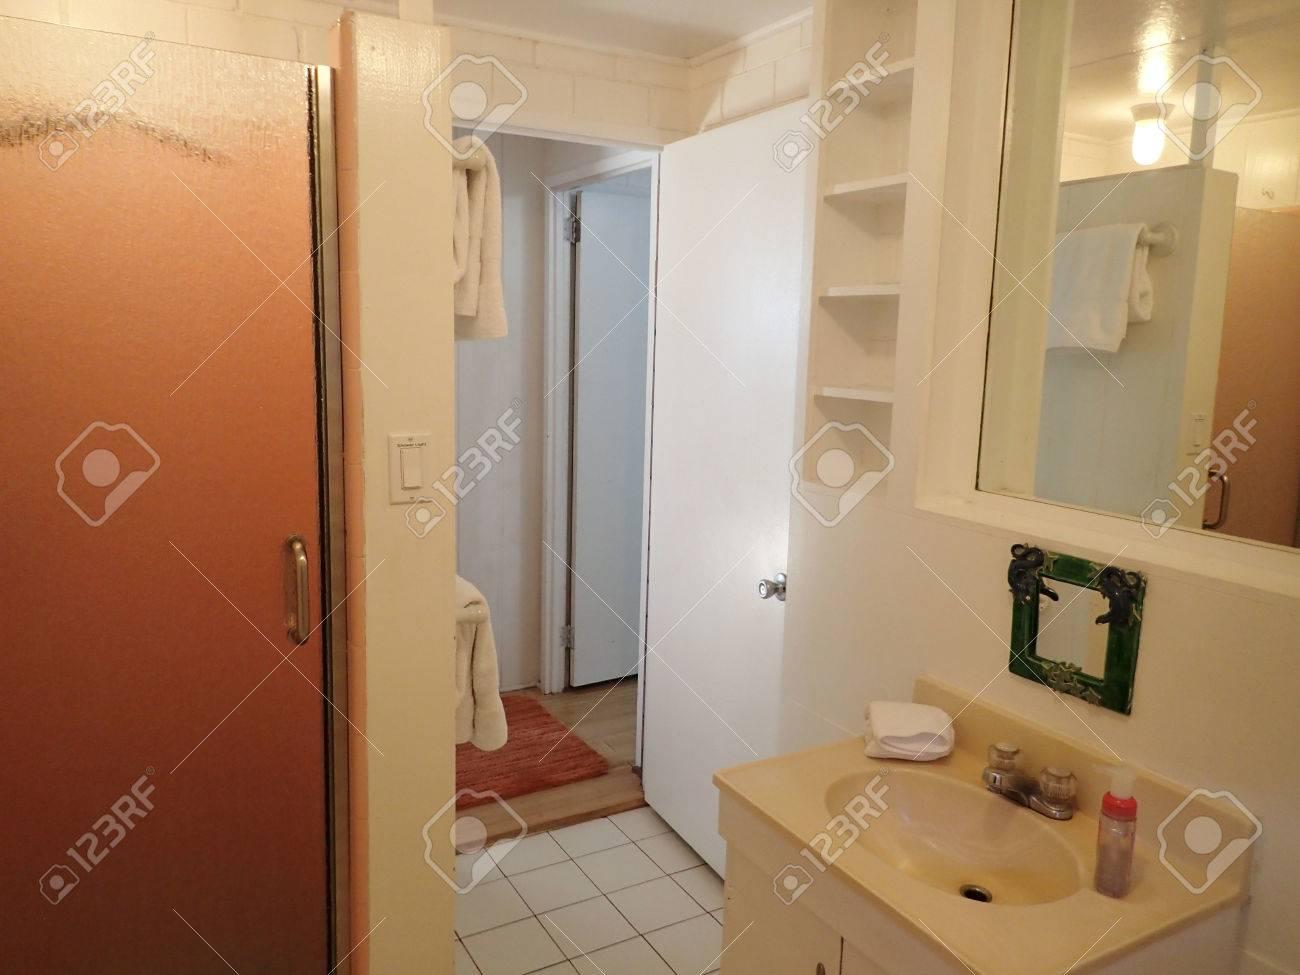 Innerhalb Weiß Badezimmer Mit Dusche Tür Und Waschbecken Mit Spiegel ...